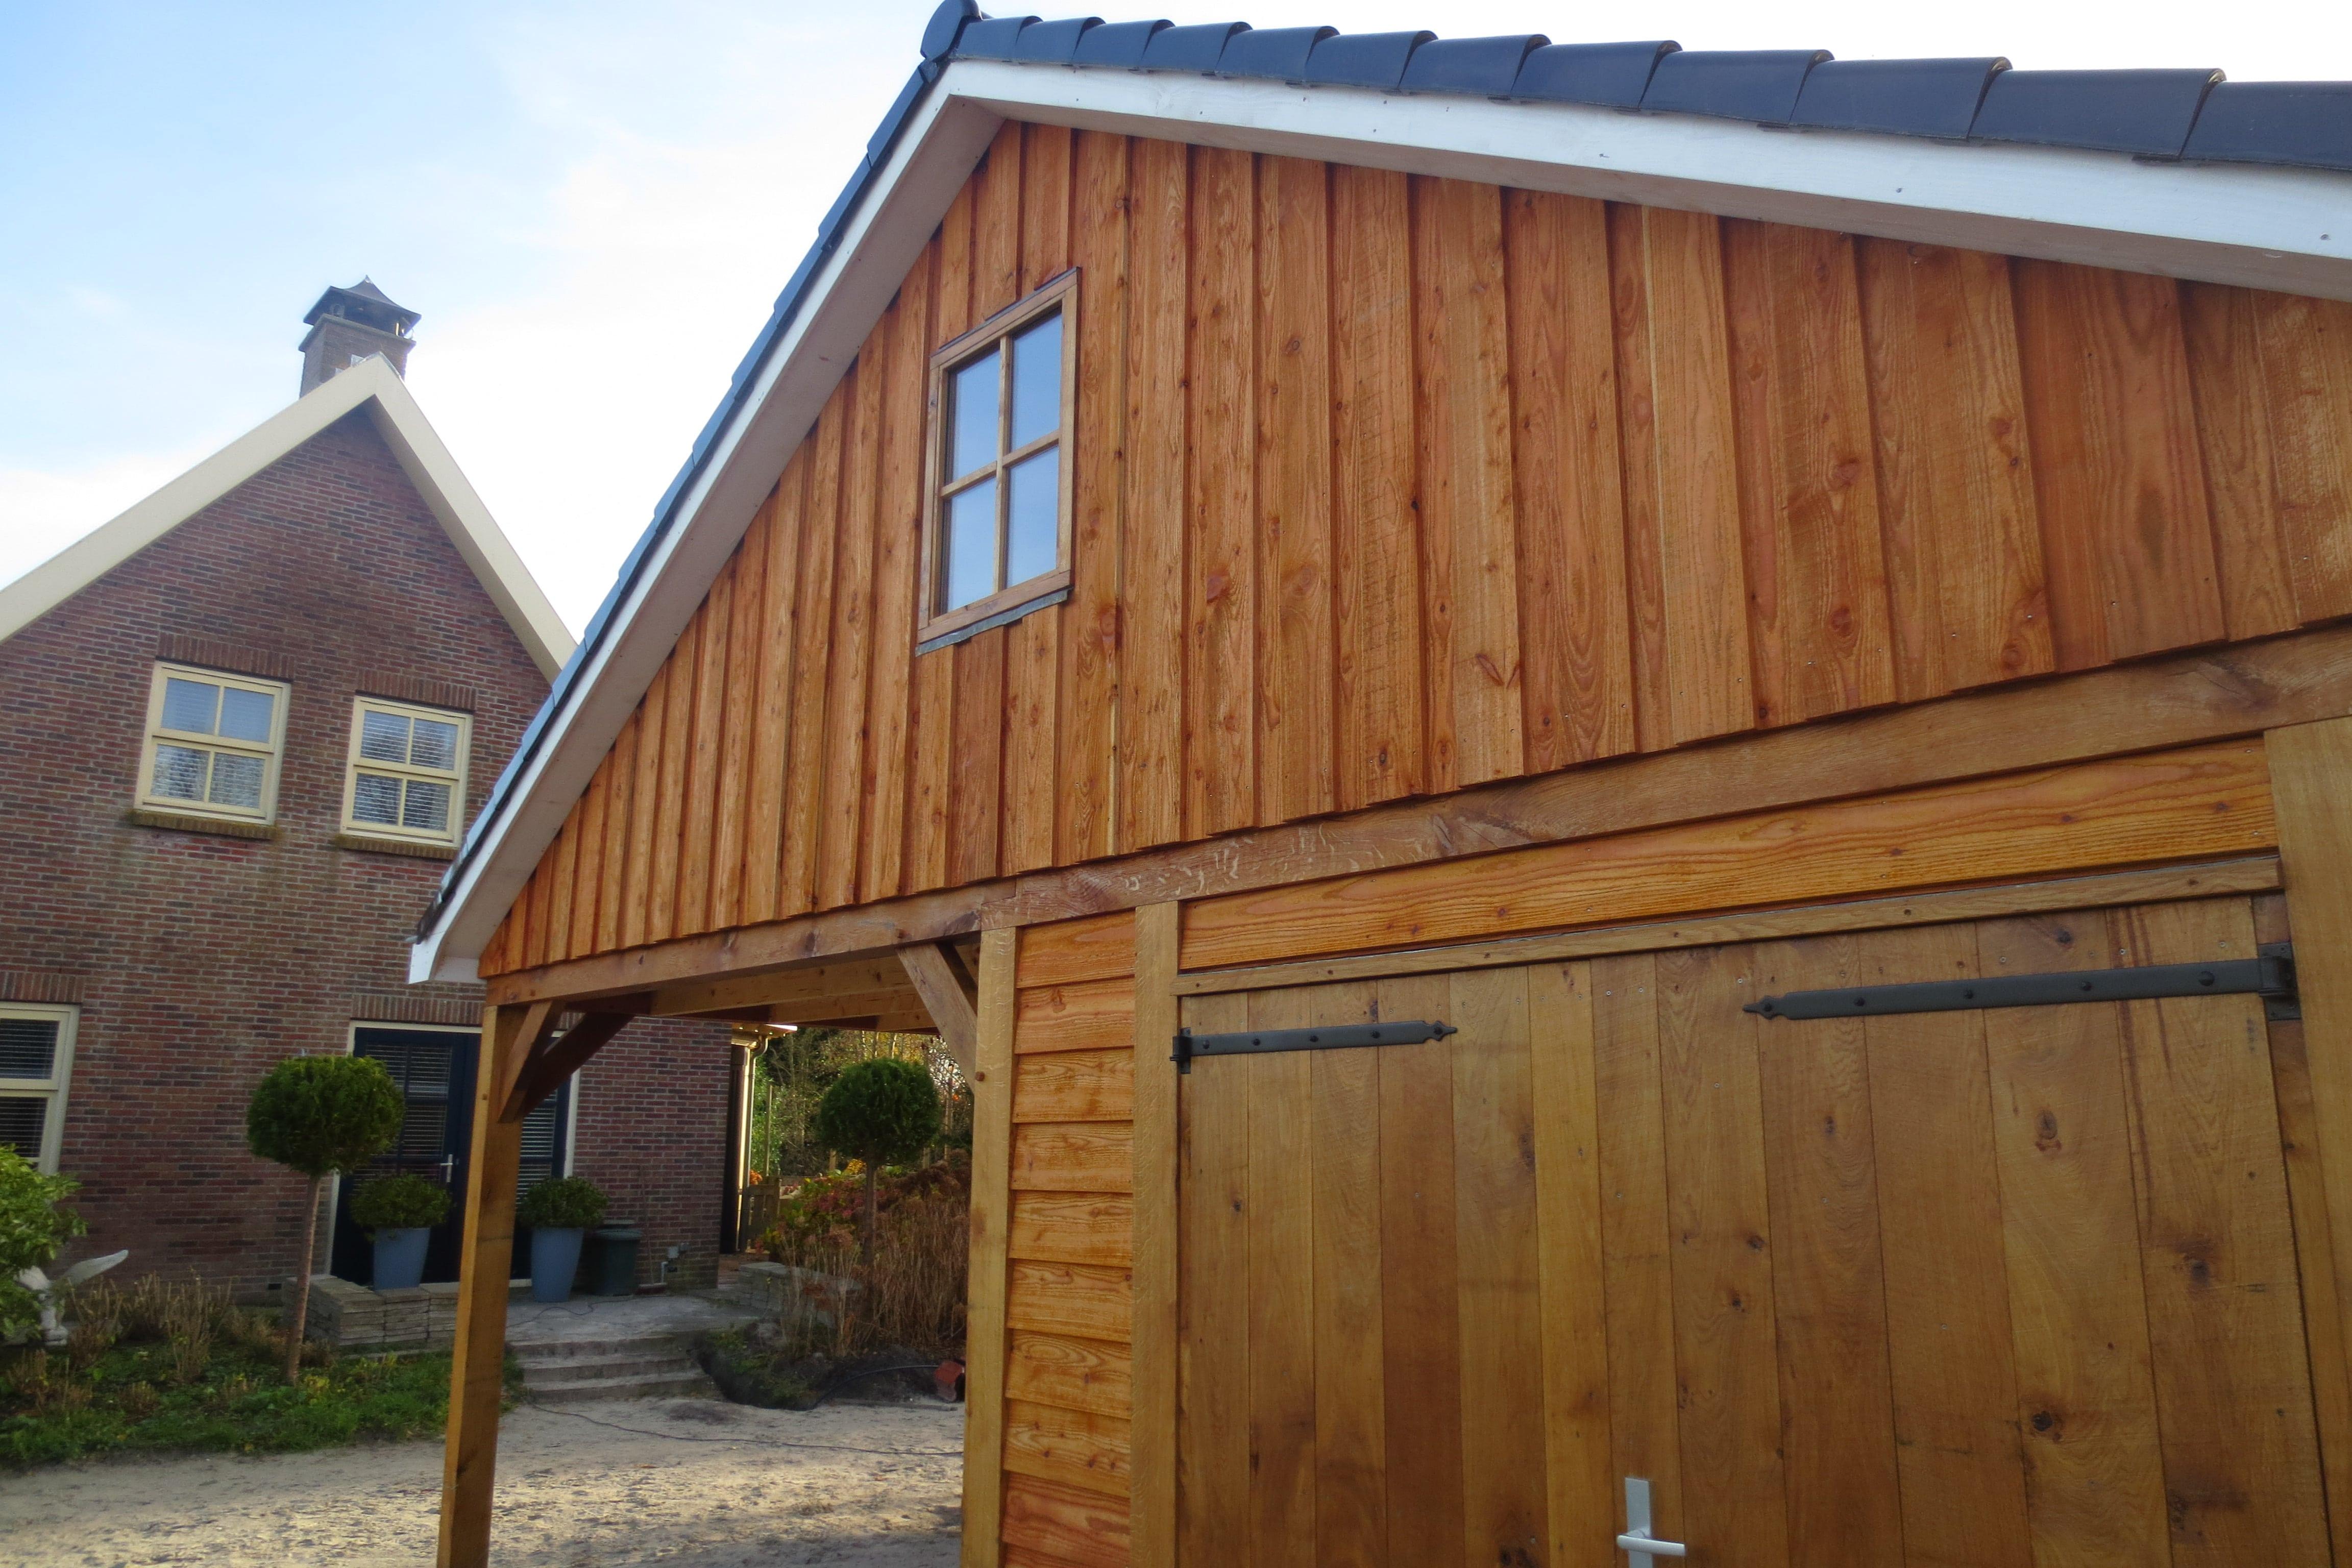 houten-garage-met-carport-5 - Project Enkhuizen: Houten garage met carport